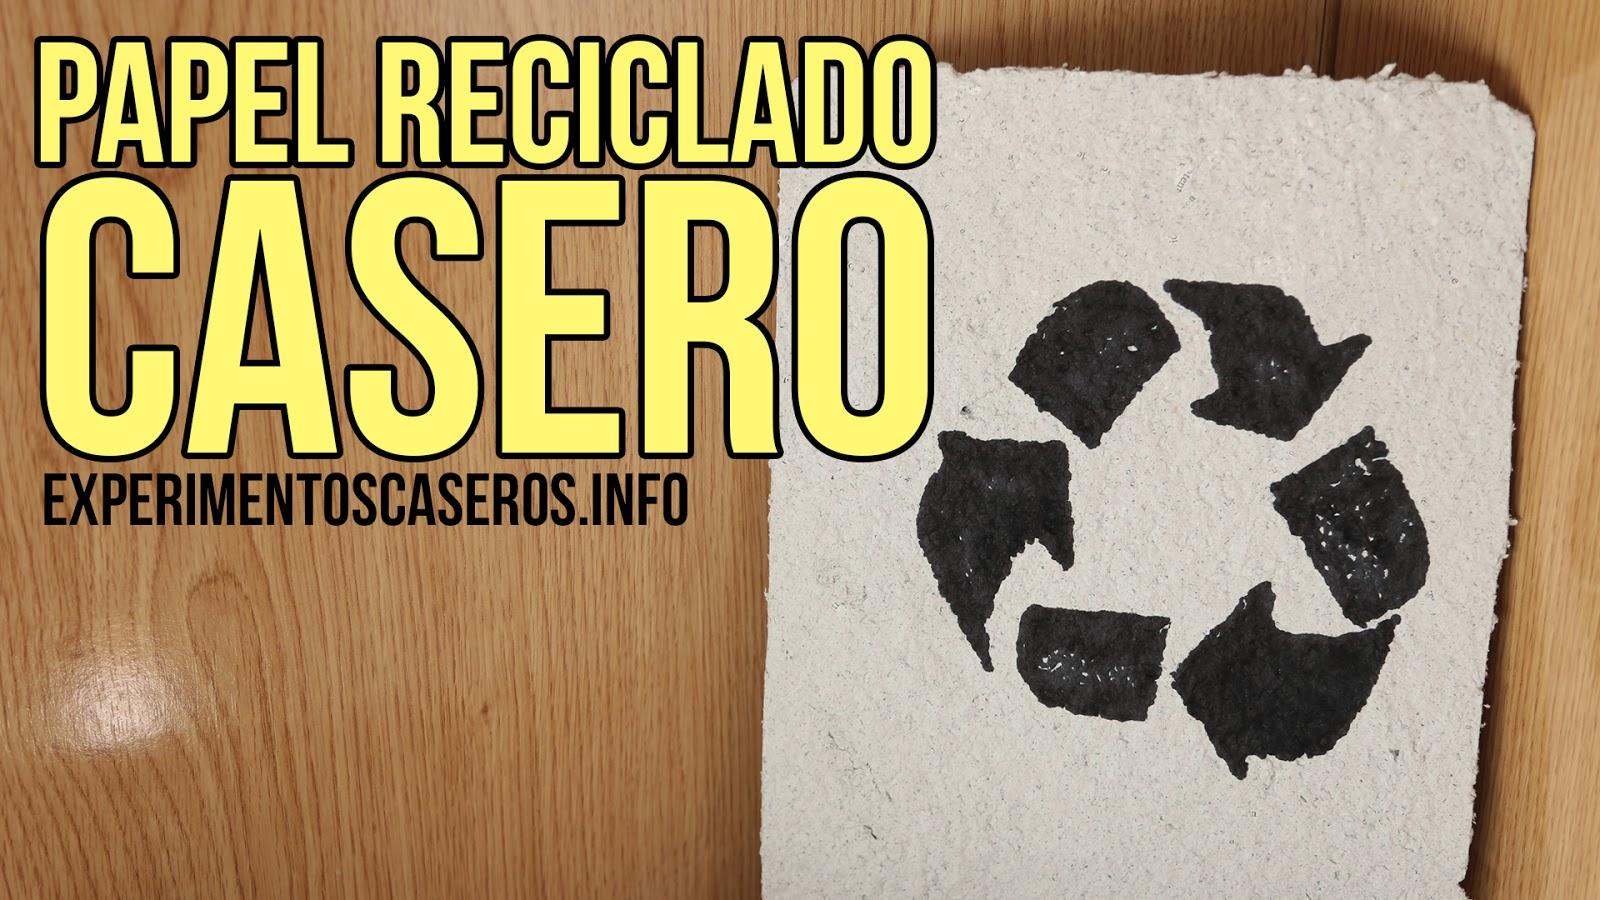 papel, reciclado, casero, ciencia, experimento